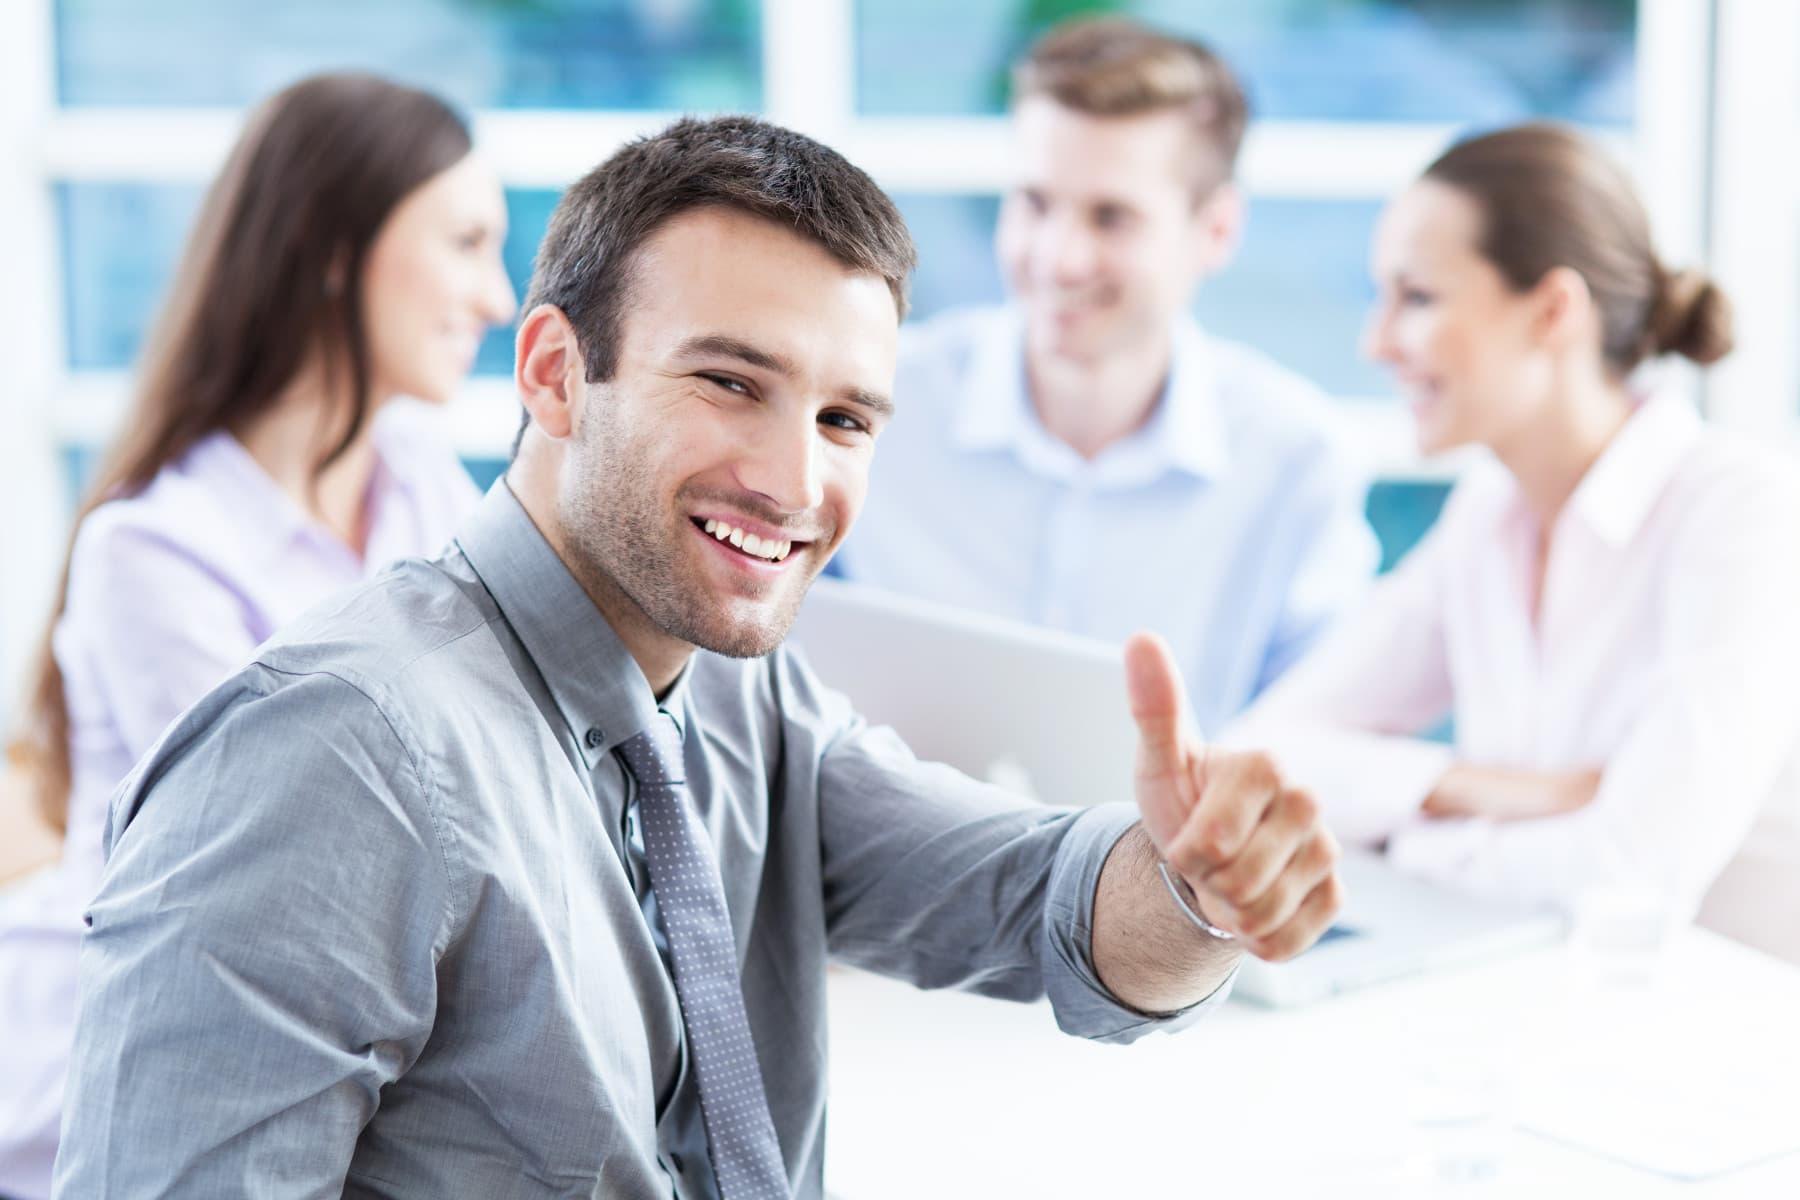 Обучение бизнесу с нуля